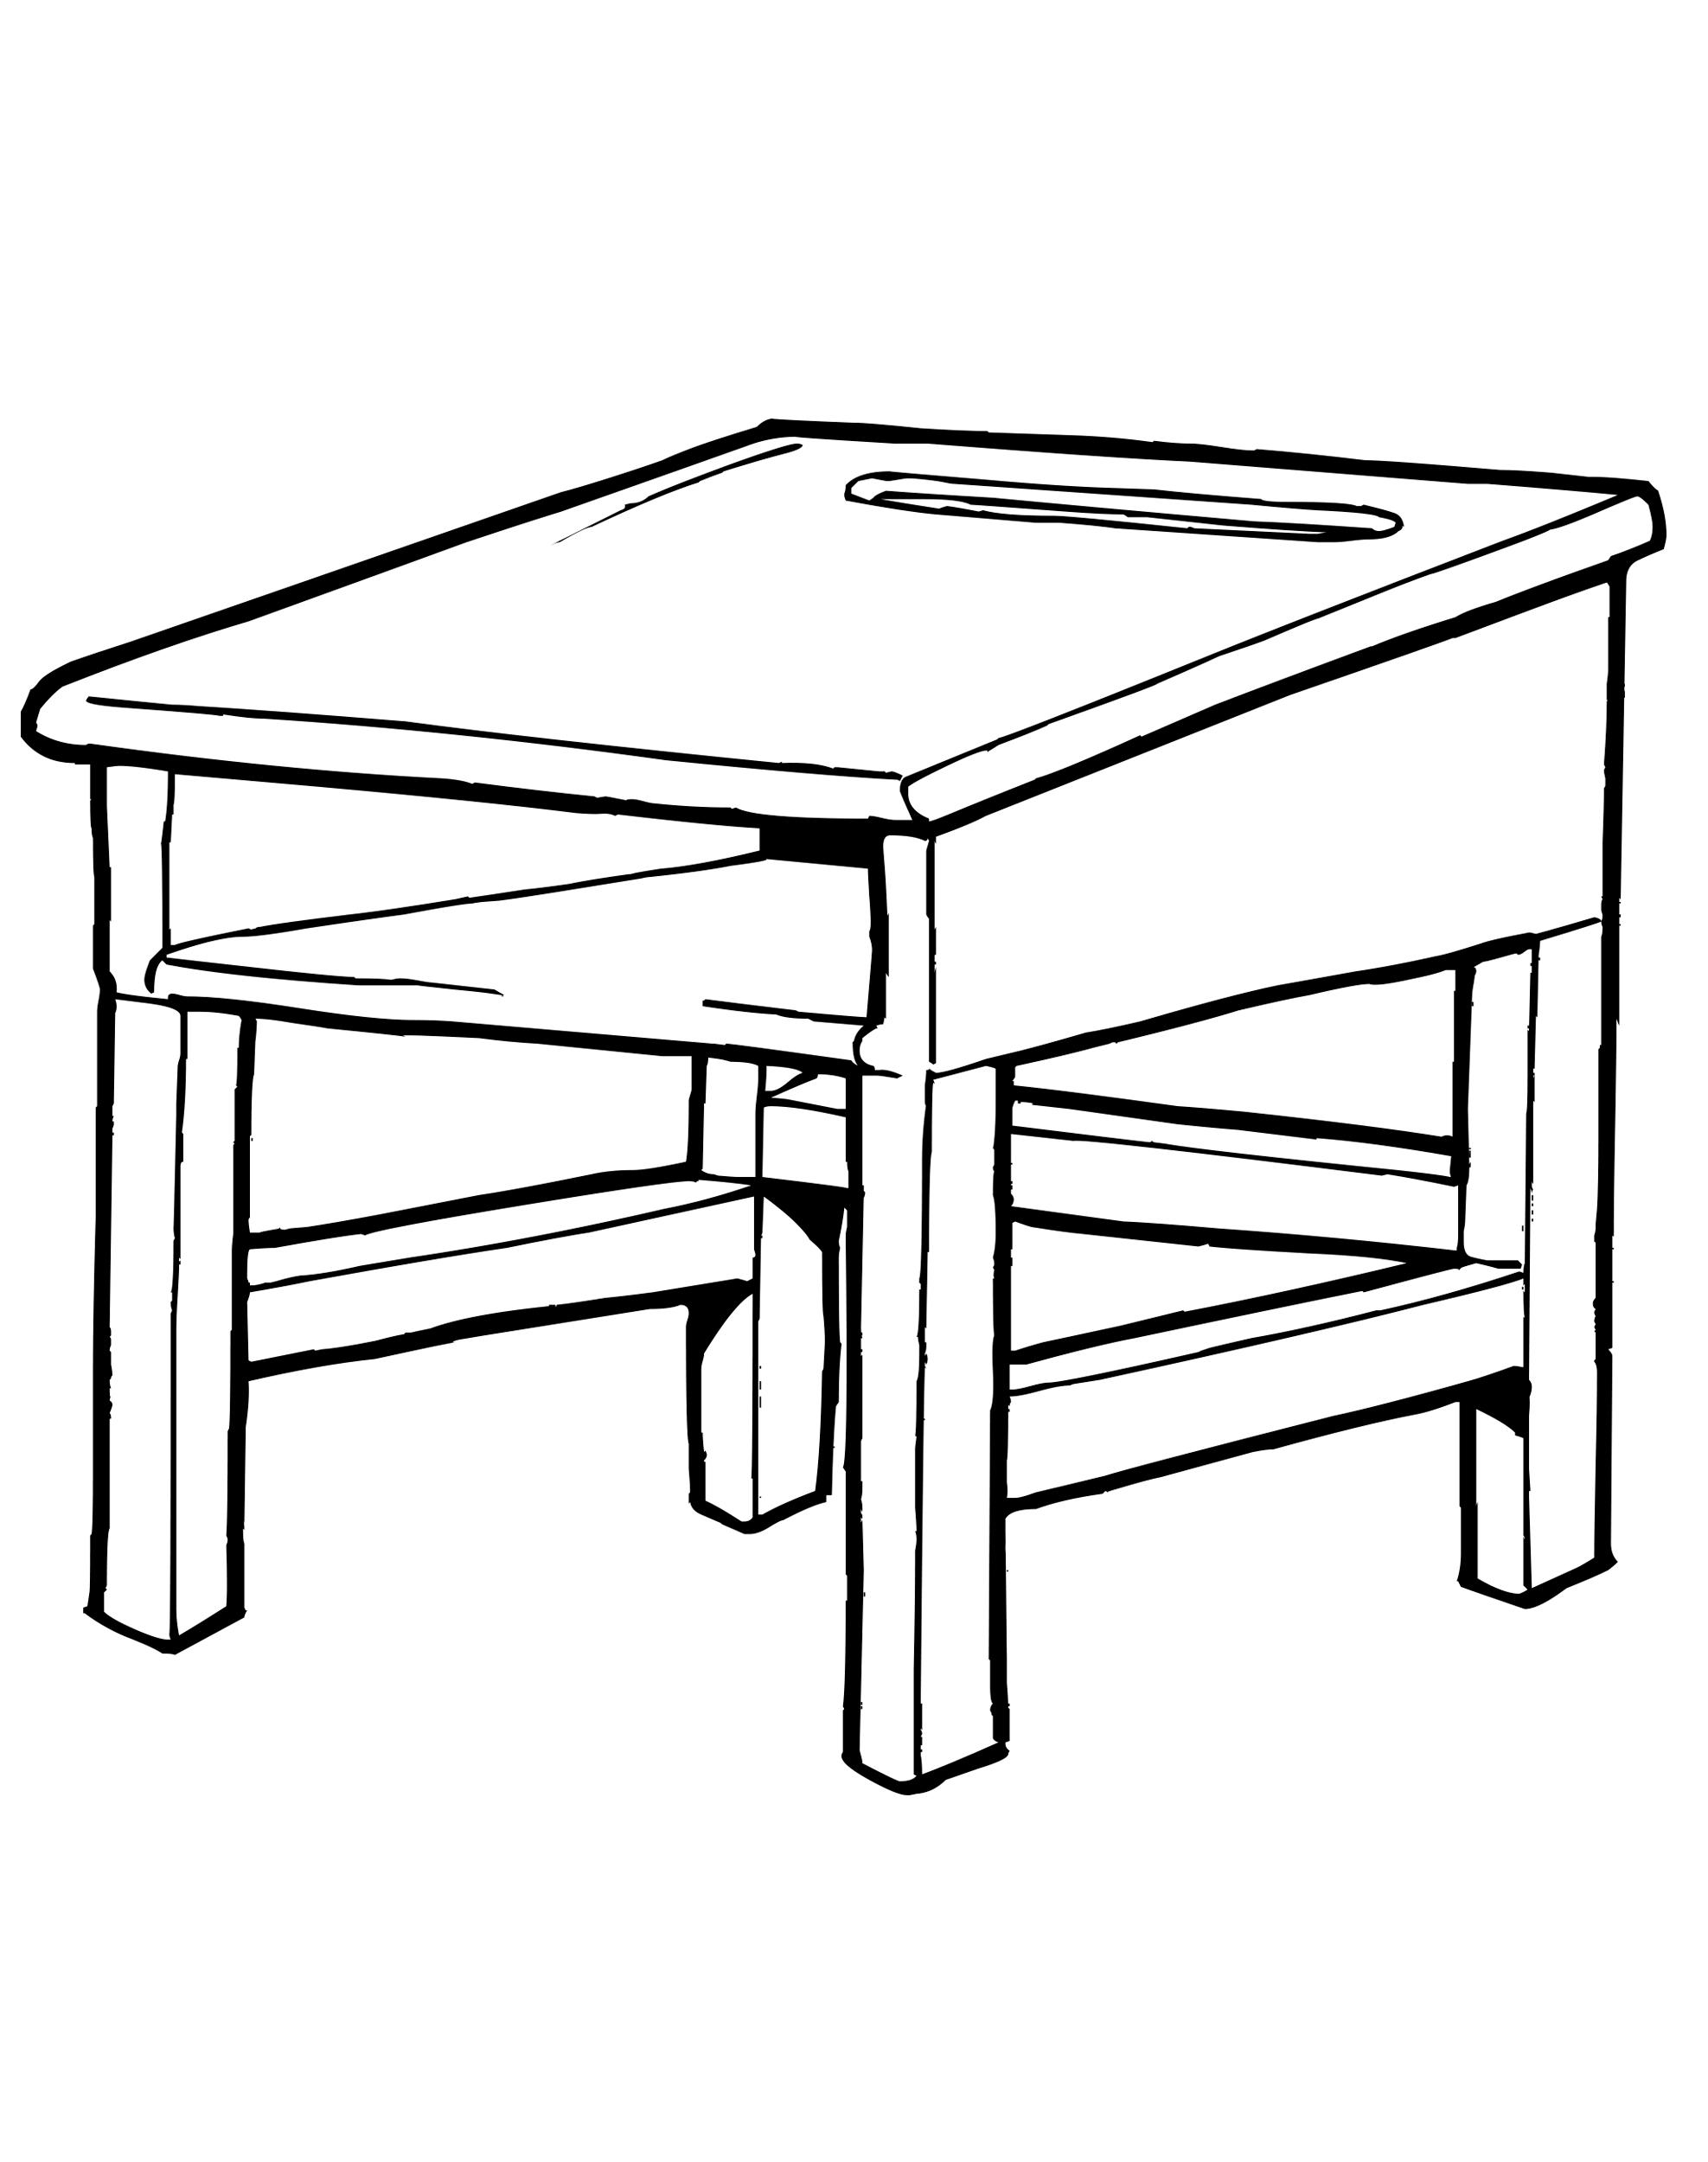 Рисунок парты и стула